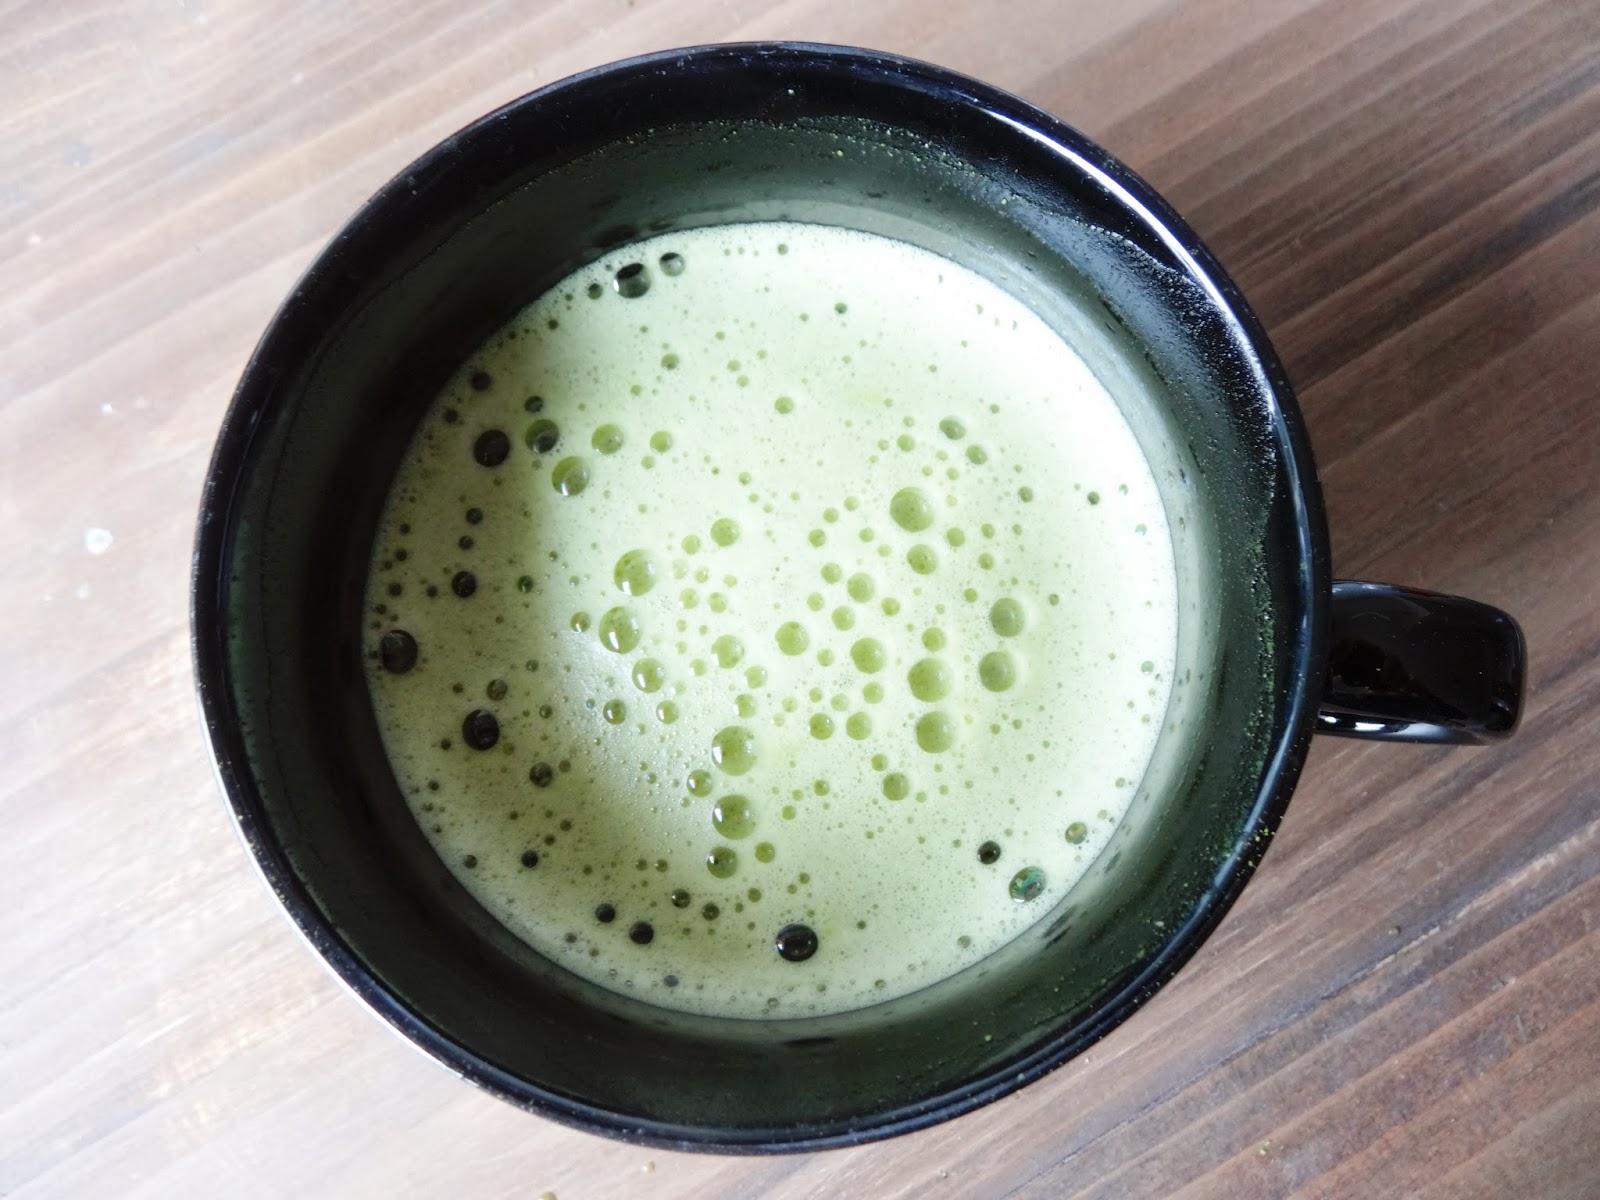 Zubereitung von Matcha-Tee mit dem Milchaufschäumer